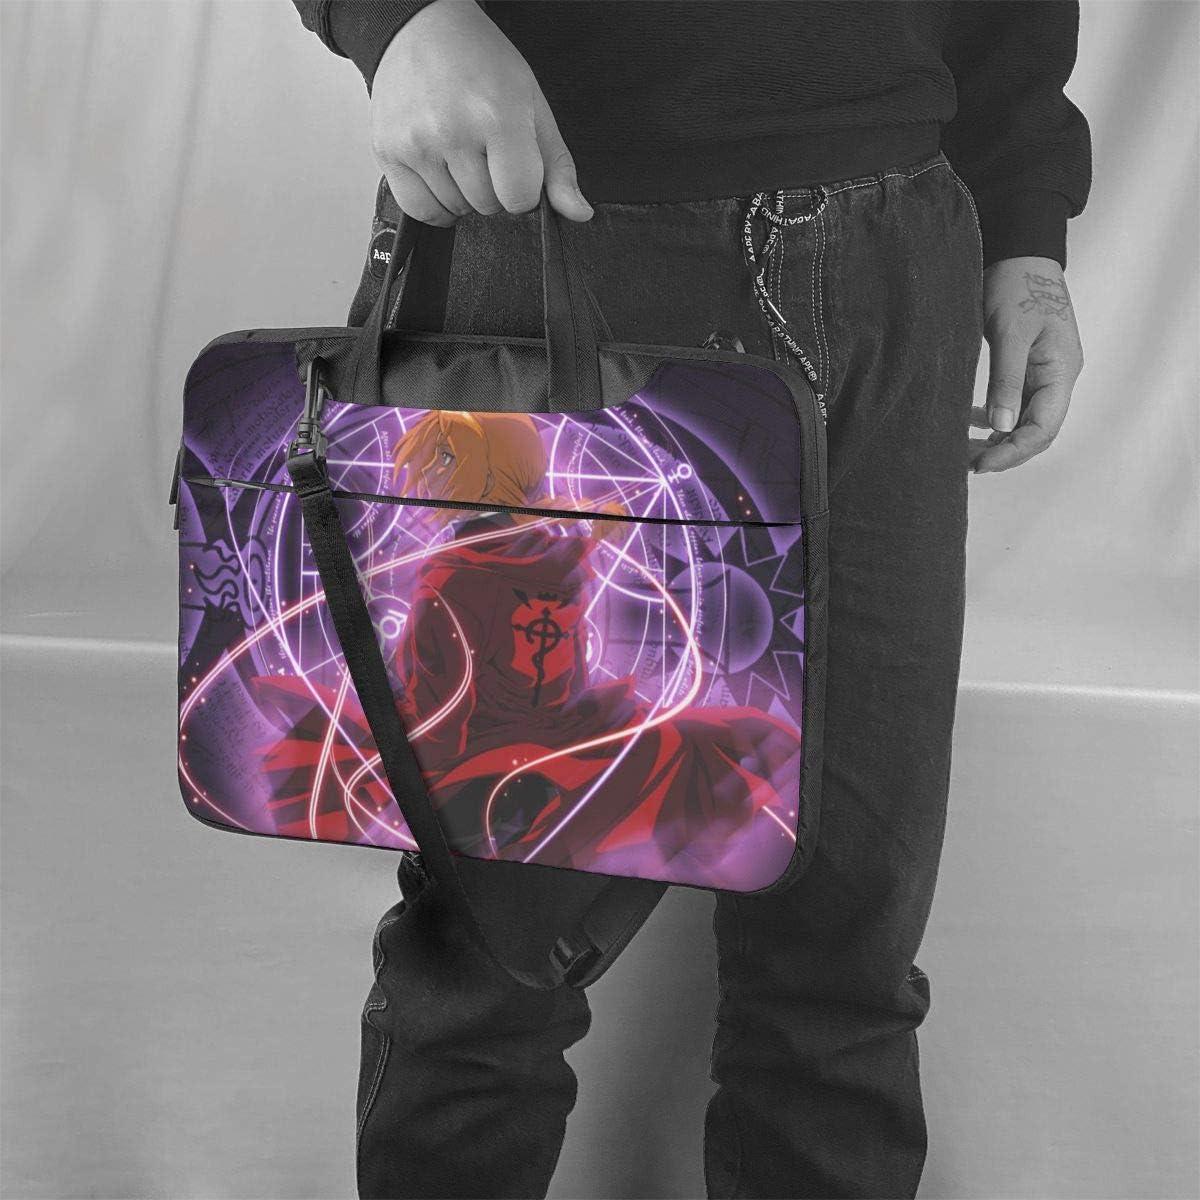 Anime Fullmetal Alchemist Laptop Bag Laptop Messenger Bag Laptop Shoulder Bags Polyester Messenger Carrying Briefcase Sleeve with Adjustable Depth at Bottom 14 inch